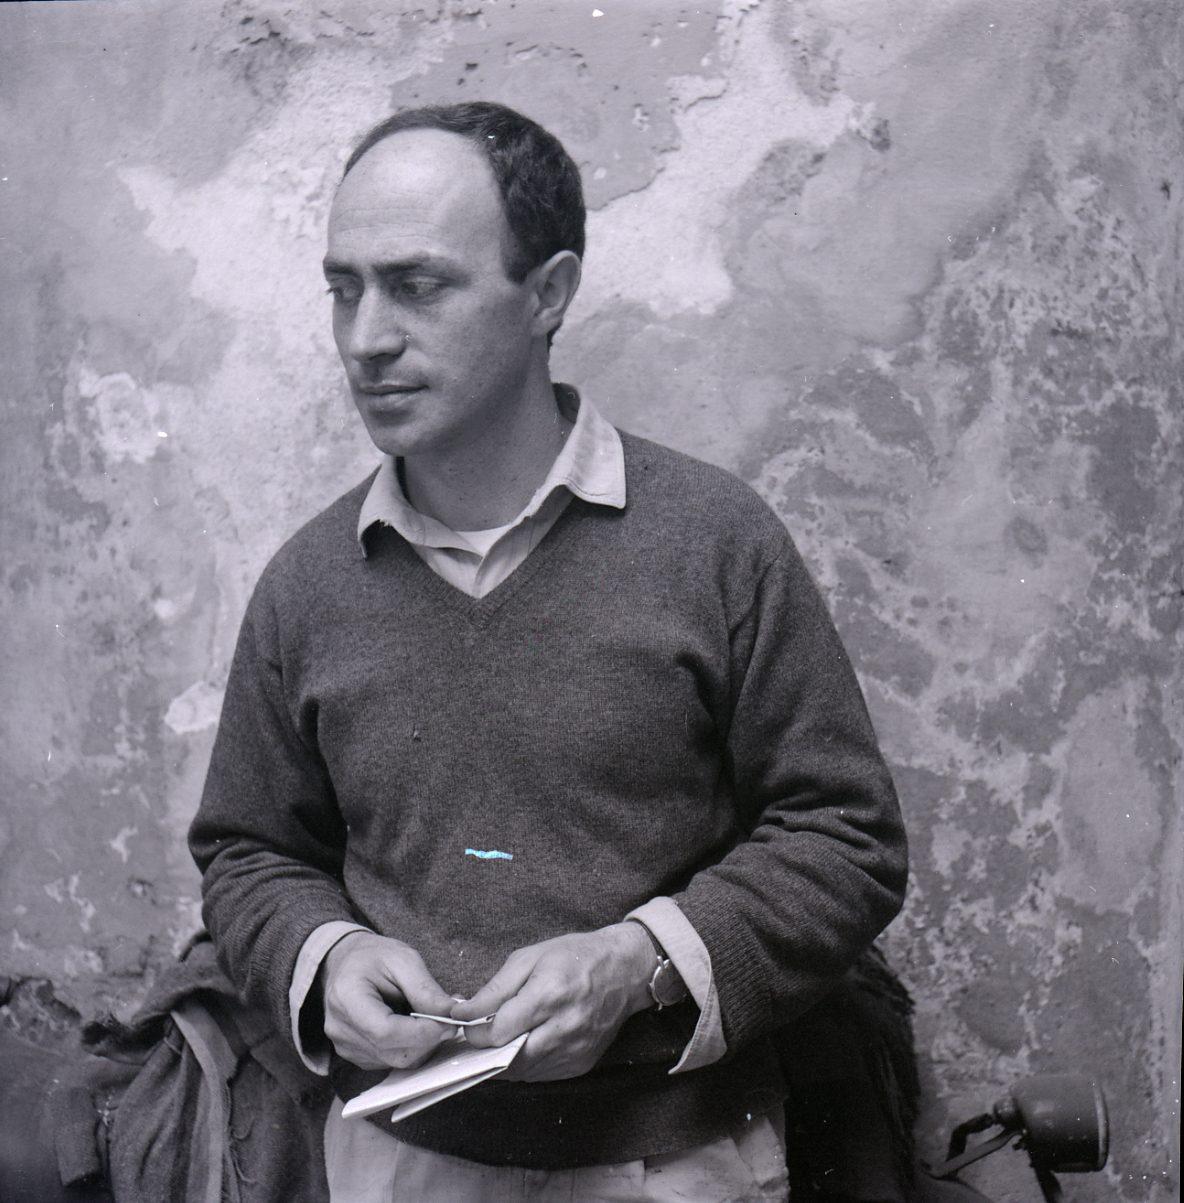 Paolo Monti, portret van Arnaldo Pomodoro, 1961